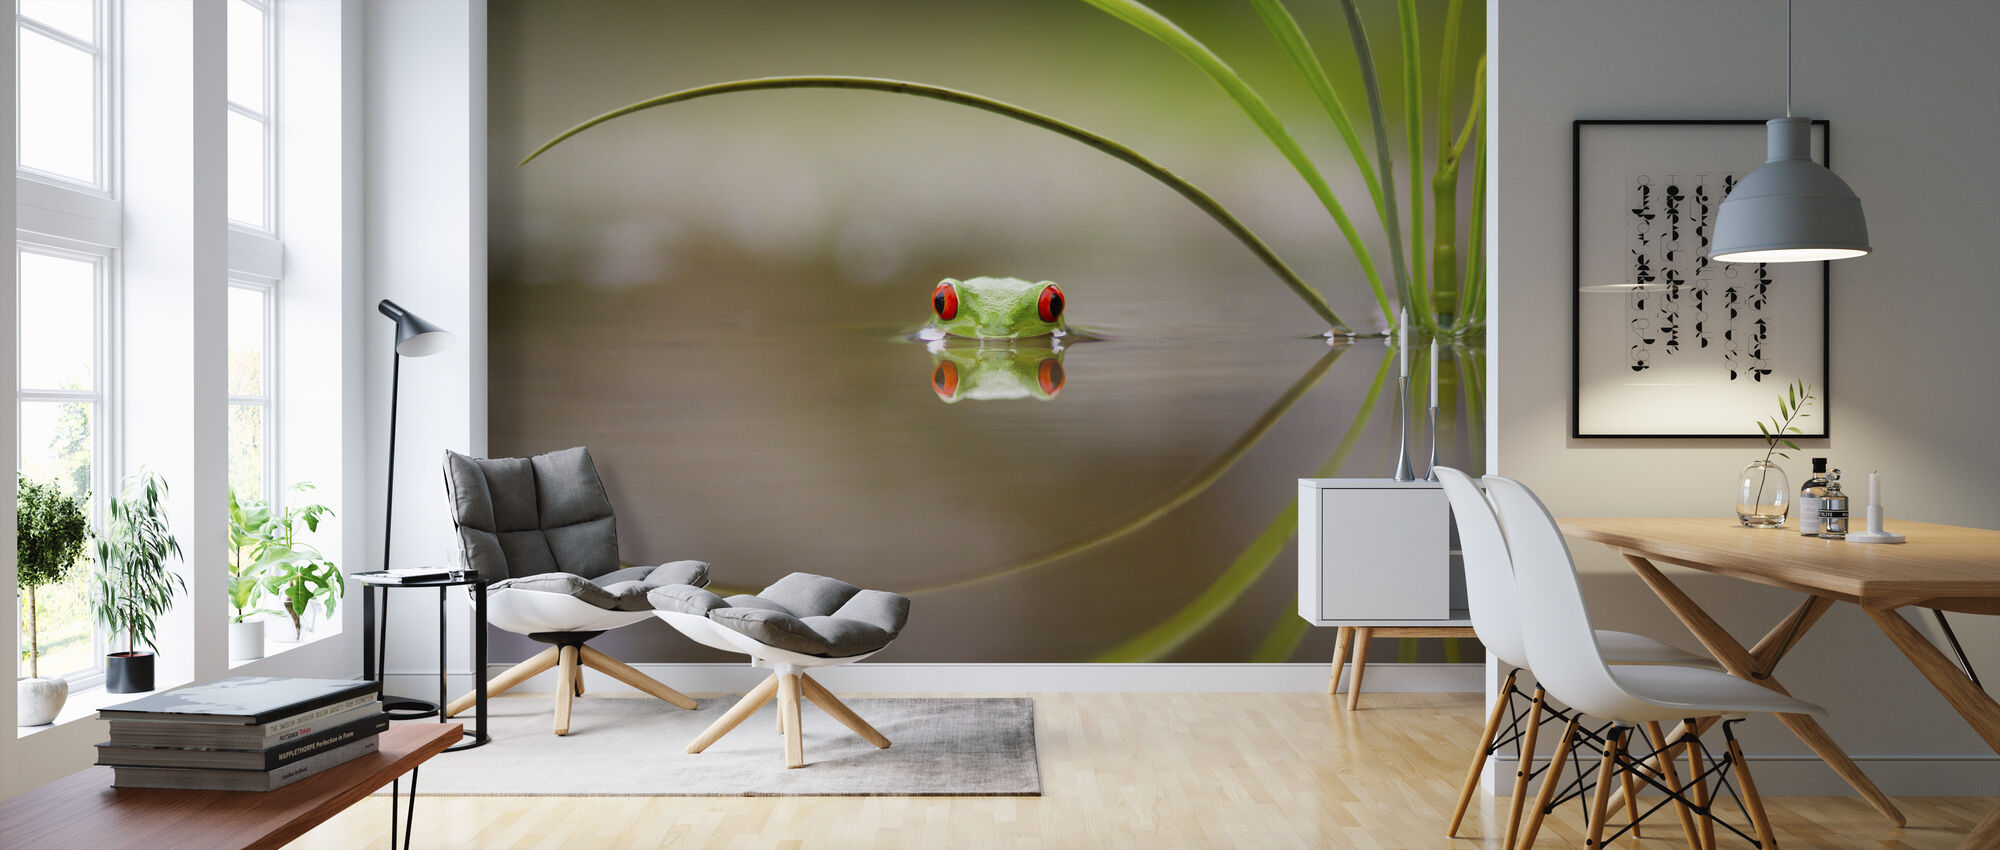 Skønhed af refleksion - Tapet - Stue